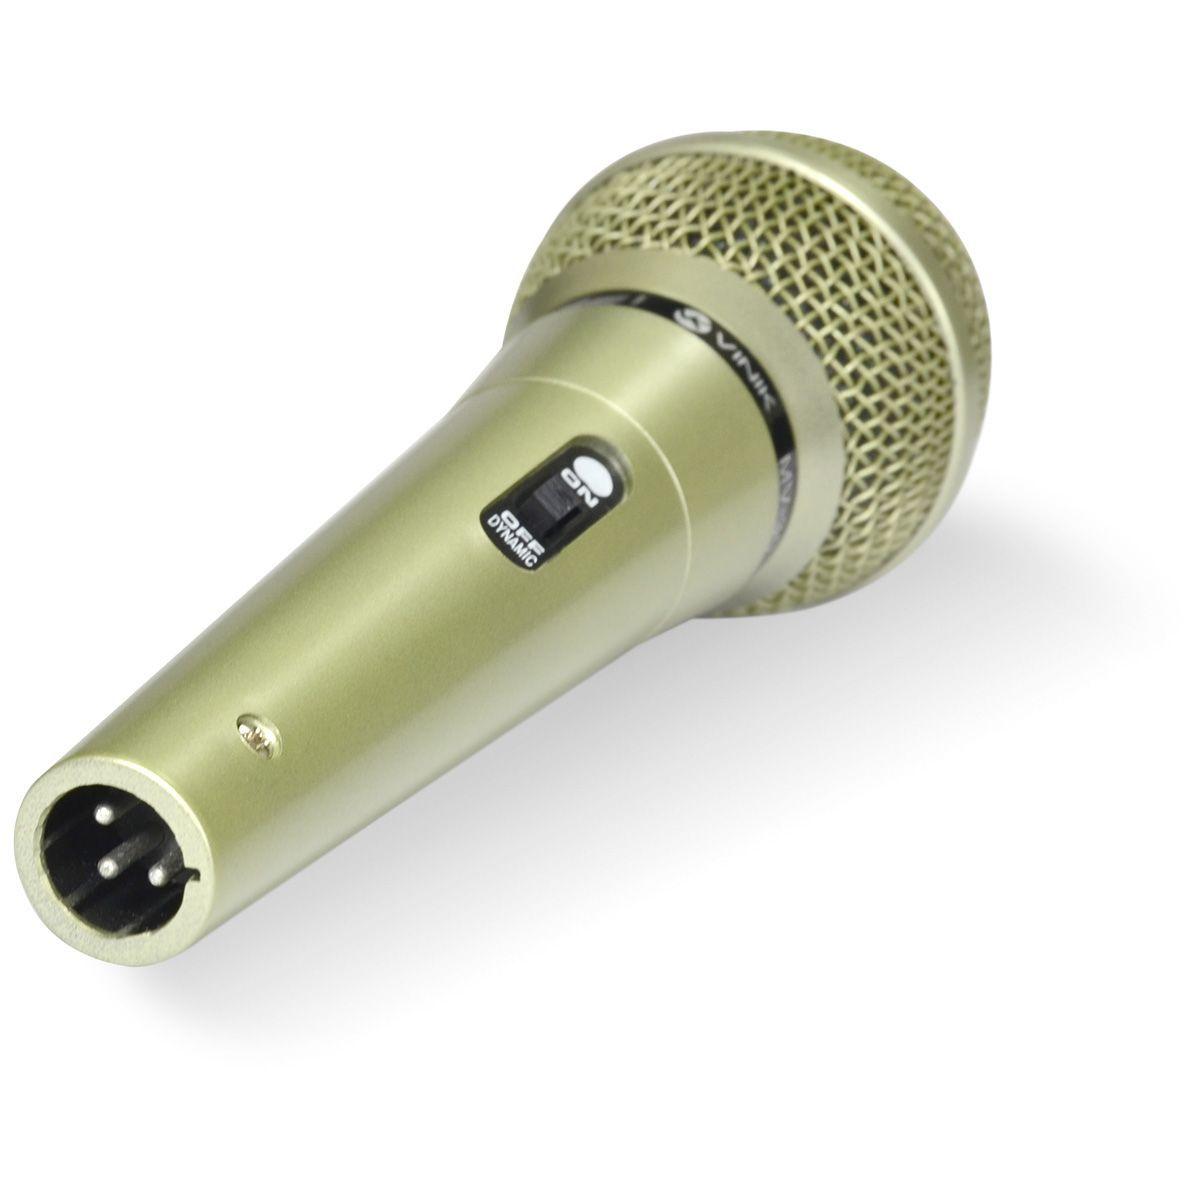 MICROFONE VOCAL COM FIO MV-30 CHAMPAGNE